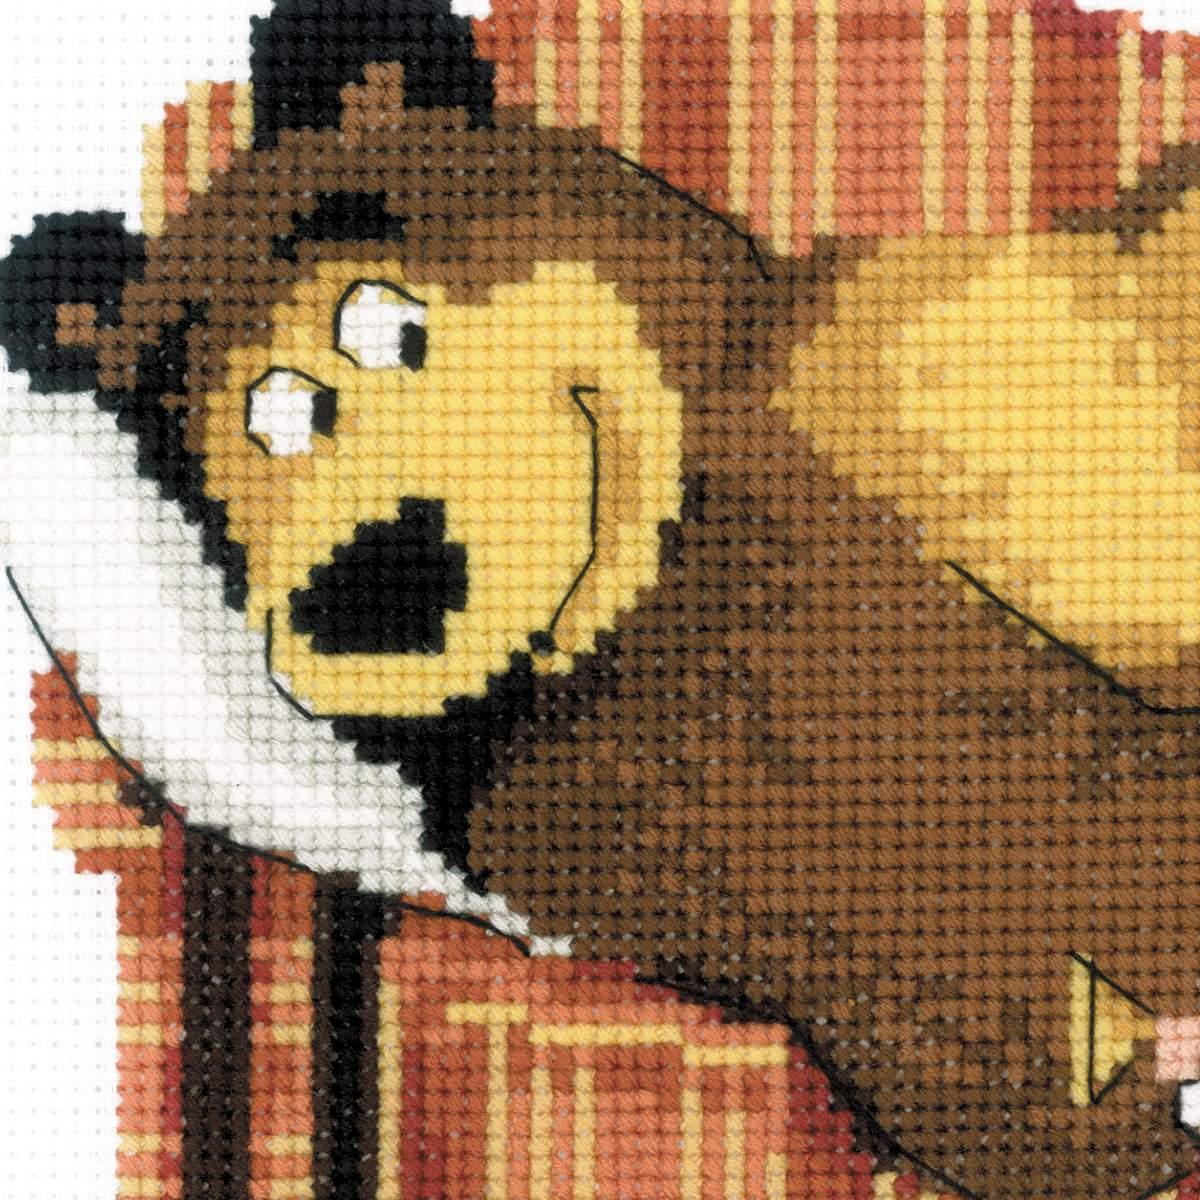 Вышивка схем маша медведь 384